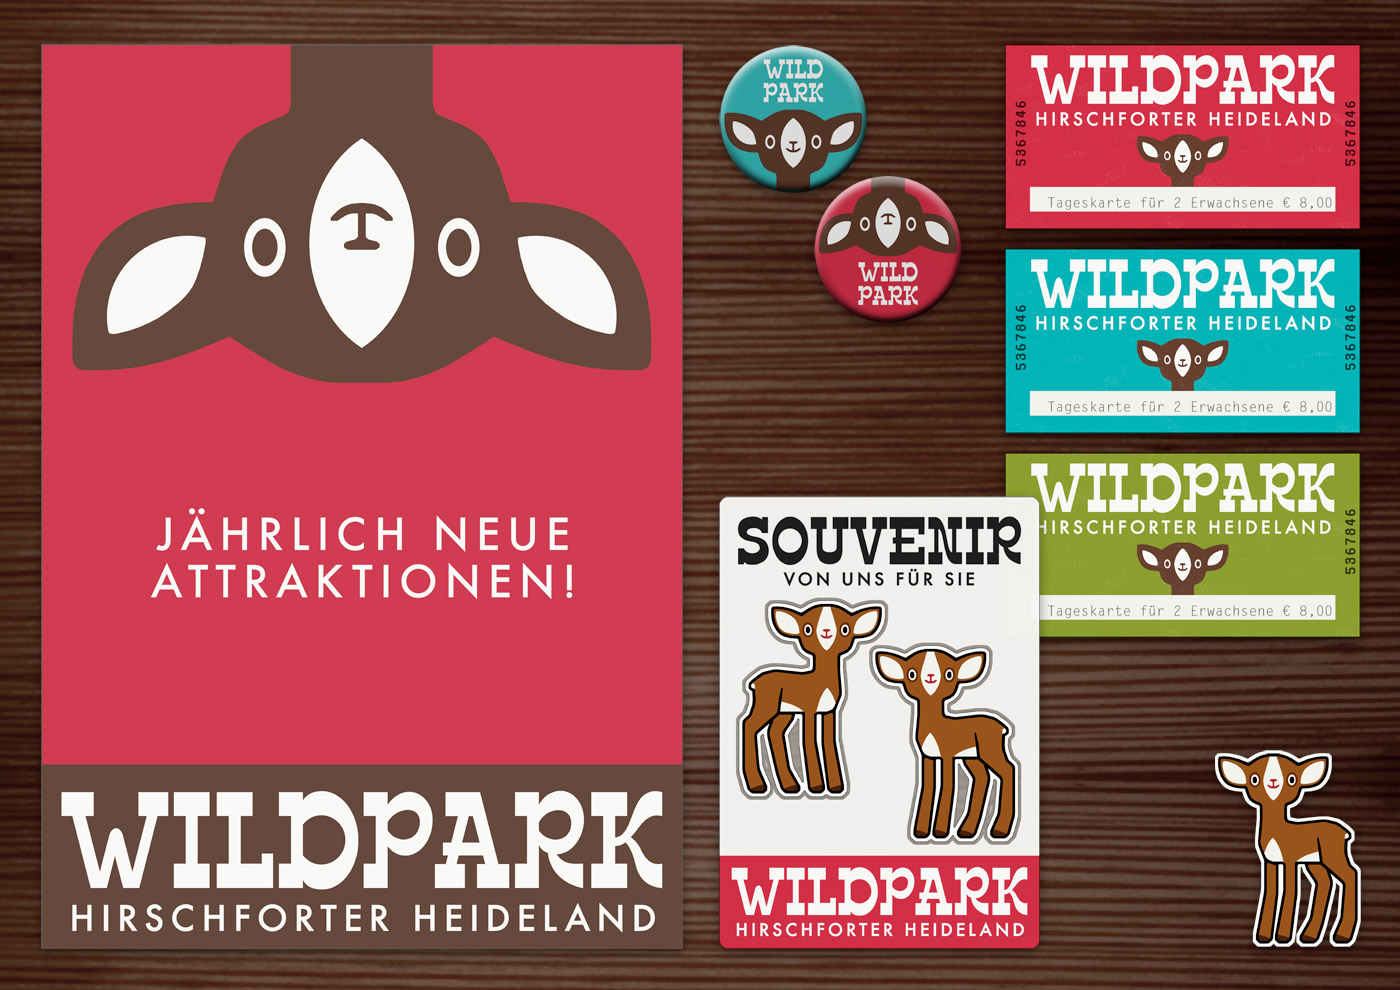 Corporate Identity, Logo und Grafik Design mit Rehkopf für Werbung, Schilder, Poster, Karten, Flyer, Aufkleber, Eintrittskarten und Buttons für Lily Lux Wildpark Hirschforter Heide